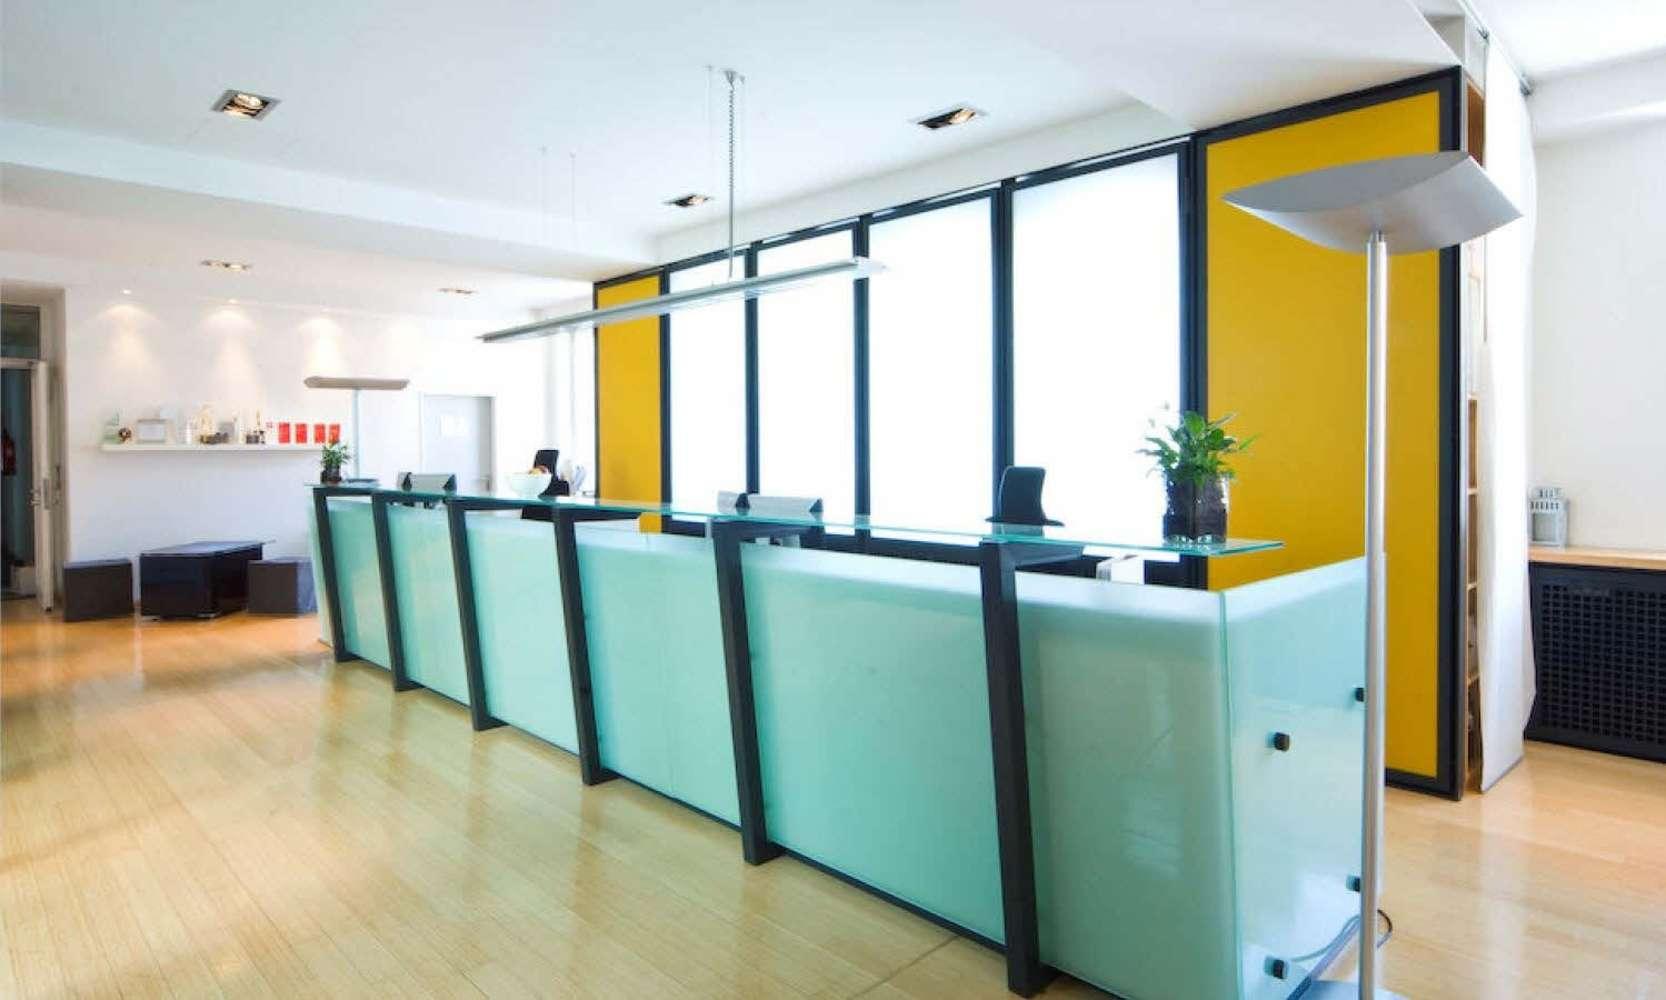 Büros Bad homburg, 61352 - Büro - Bad Homburg, Ober-Eschbach - F2150 - 9412249